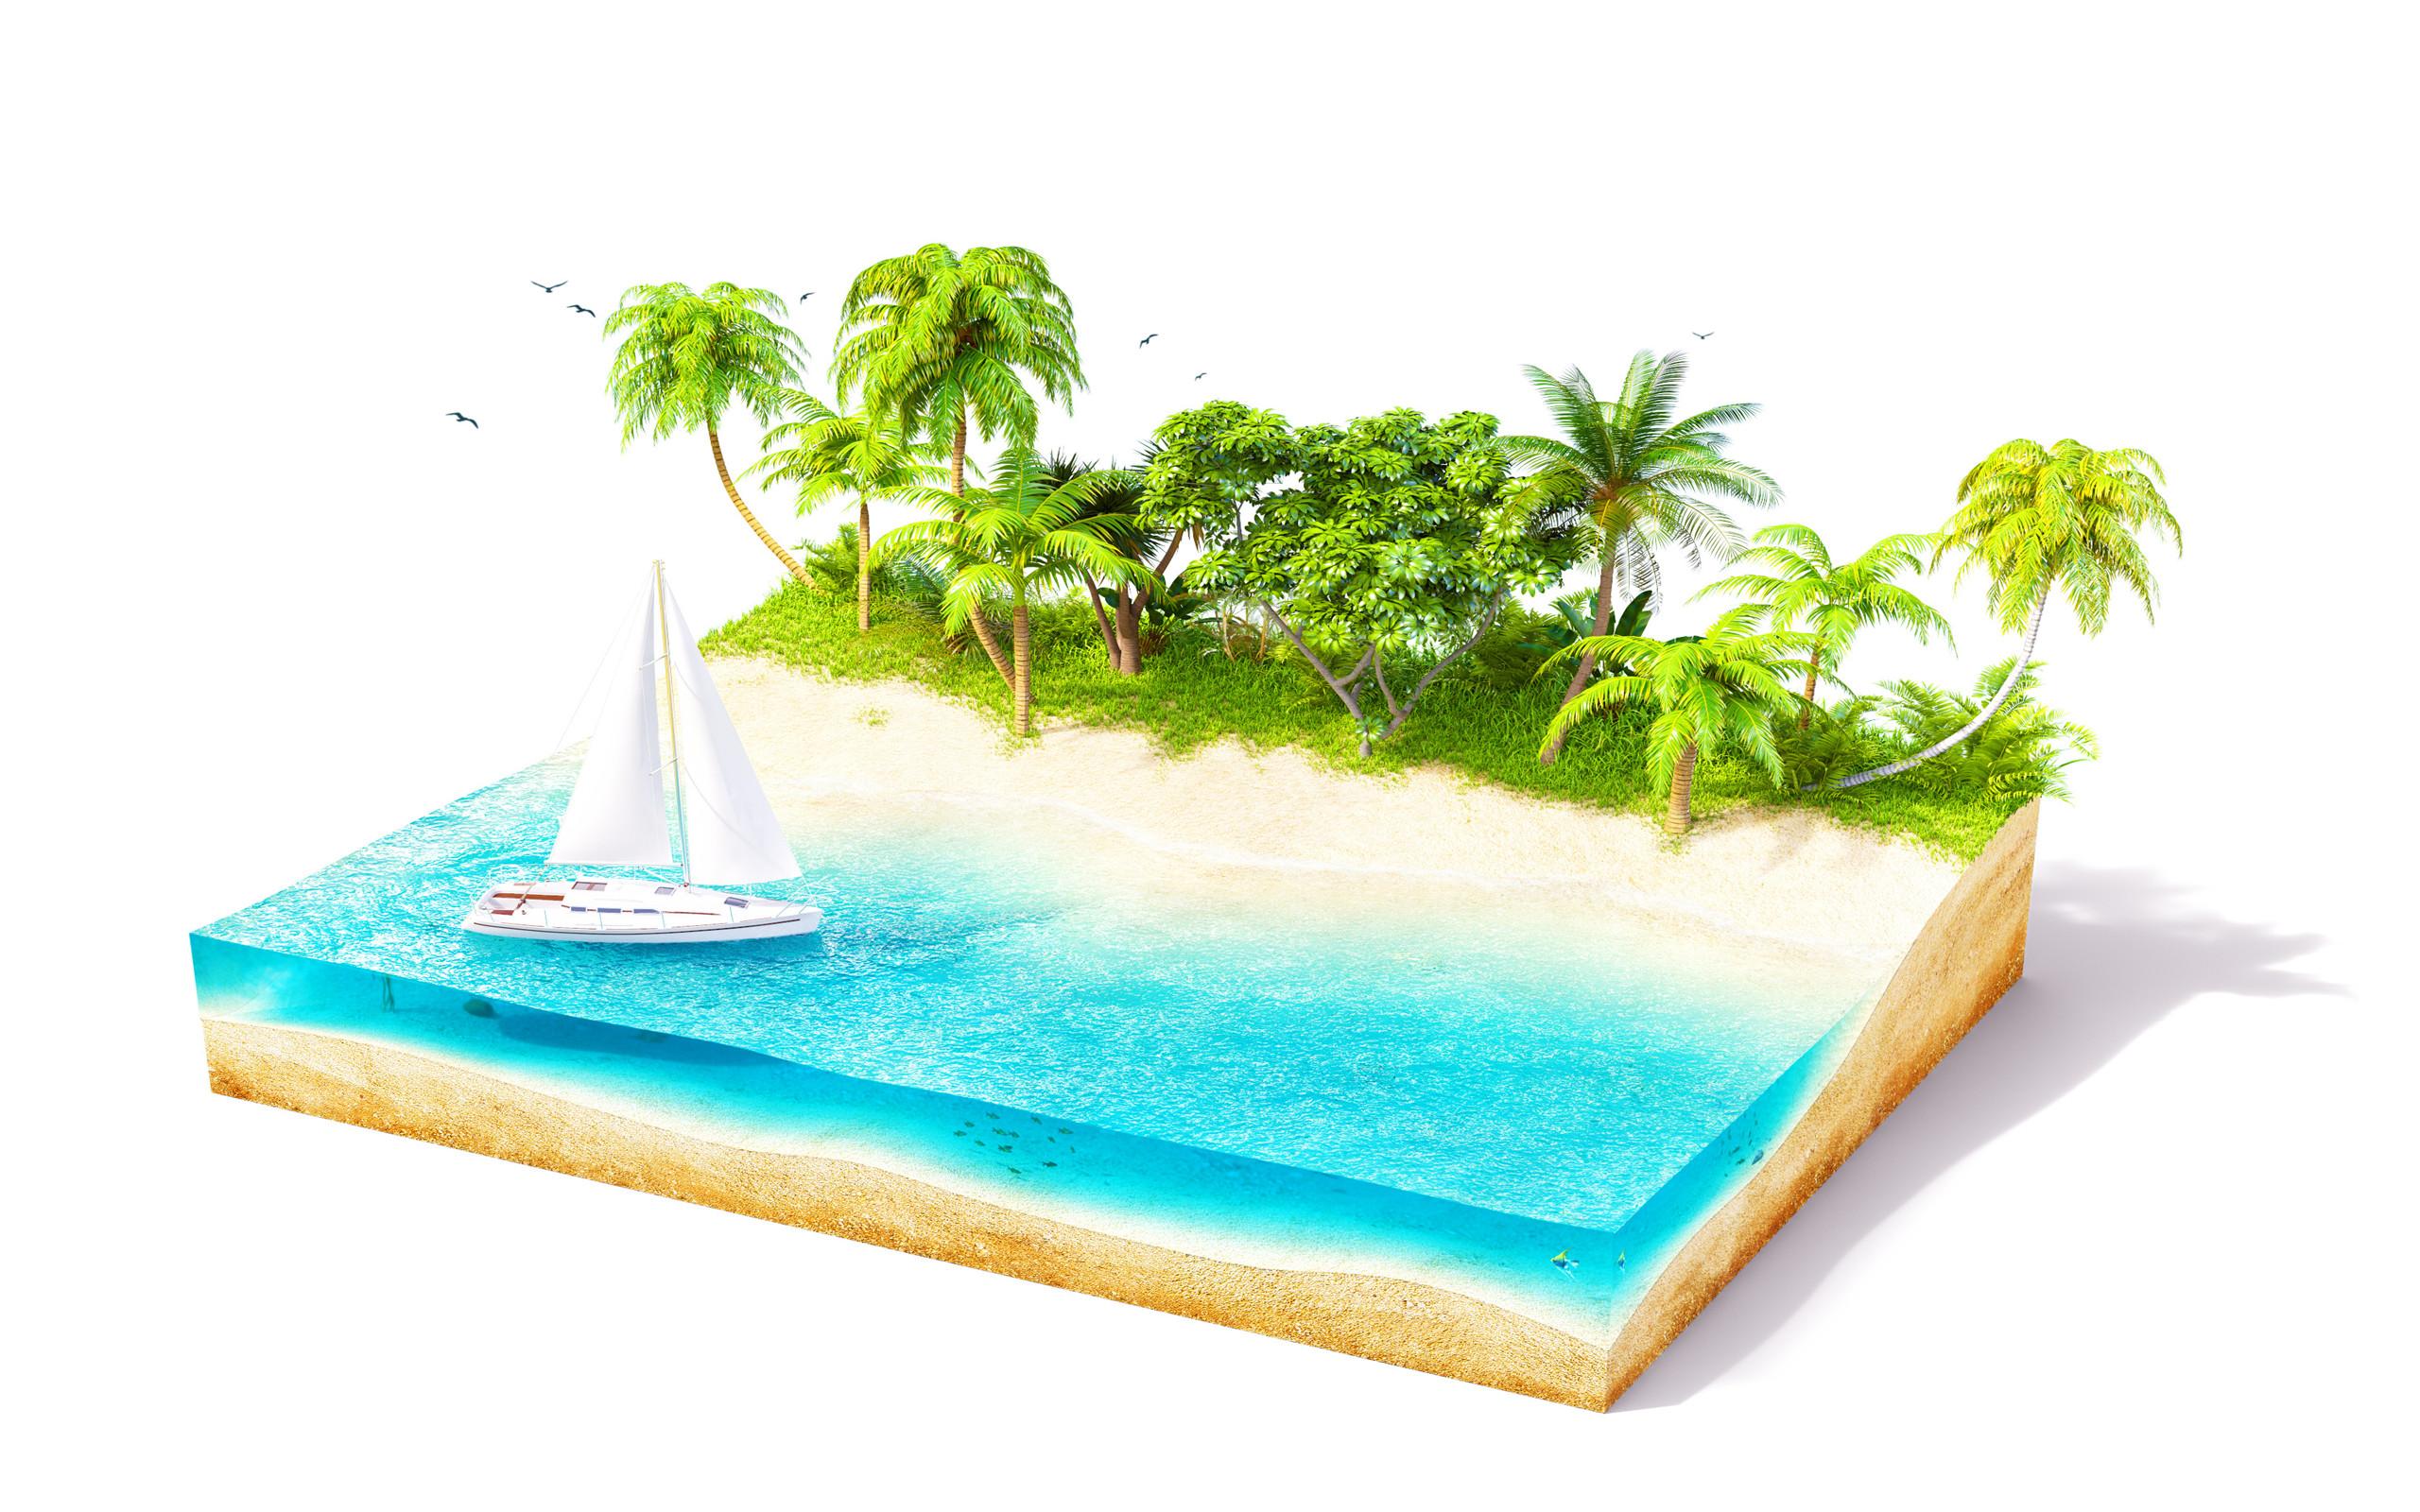 """创意设计立体小岛蓝色背景海岛PPT背景图片免费下载是由PPT宝藏(www.pptbz.com)会员zengmin上传推荐的简约PPT背景图片, 更新时间为2017-01-22,素材编号120711。 四面环水的小块陆地称为岛屿。其中面积较大的称为岛,如中国的台湾岛;面积特别小的称为屿,如厦门的鼓浪屿。聚焦在一起的岛屿称为群岛,如中国的舟山群岛。而按弧线排列的群岛又称岛弧,如日本群岛、千岛群岛等。 1、汉字字义:形声。字从鸟从山,鸟亦声。字形为""""鸟包裹山体""""。""""鸟&rdq"""